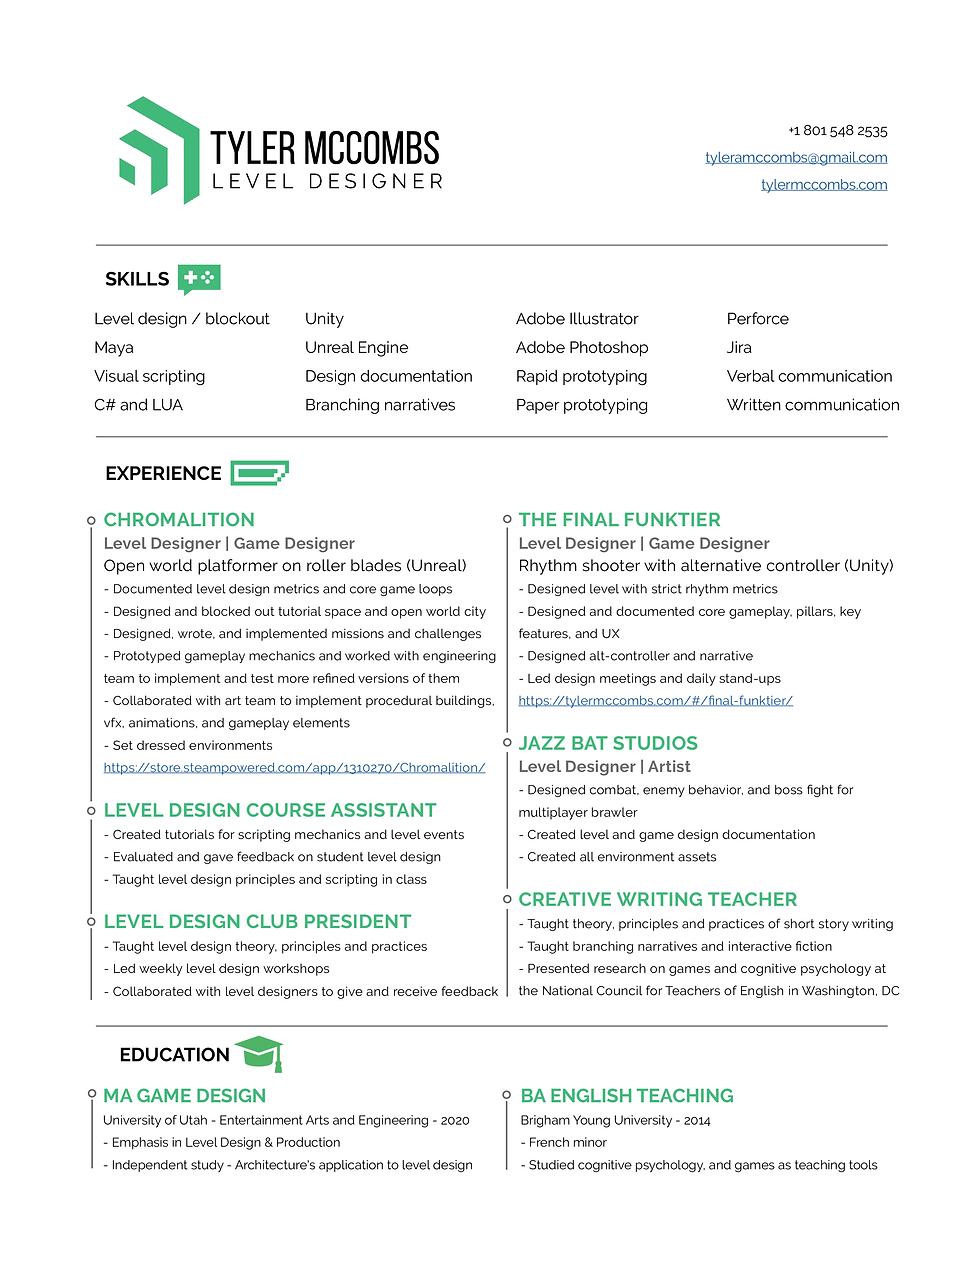 Tyler McCombs Resume - Level Design (Web